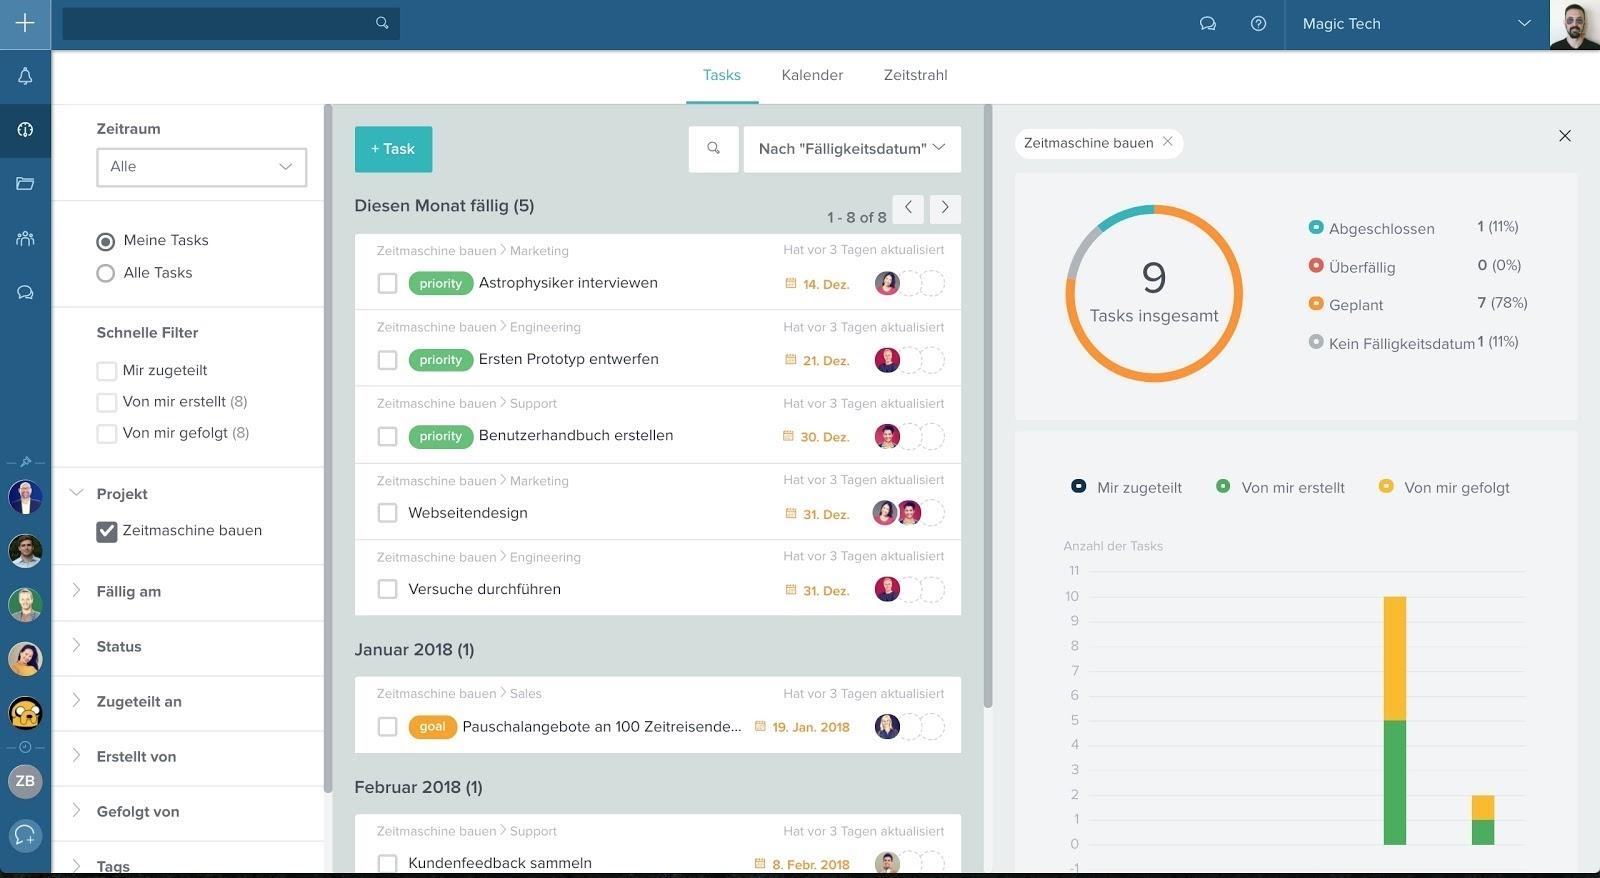 Taskworld Screenshot - Projektübersicht im Dashboard